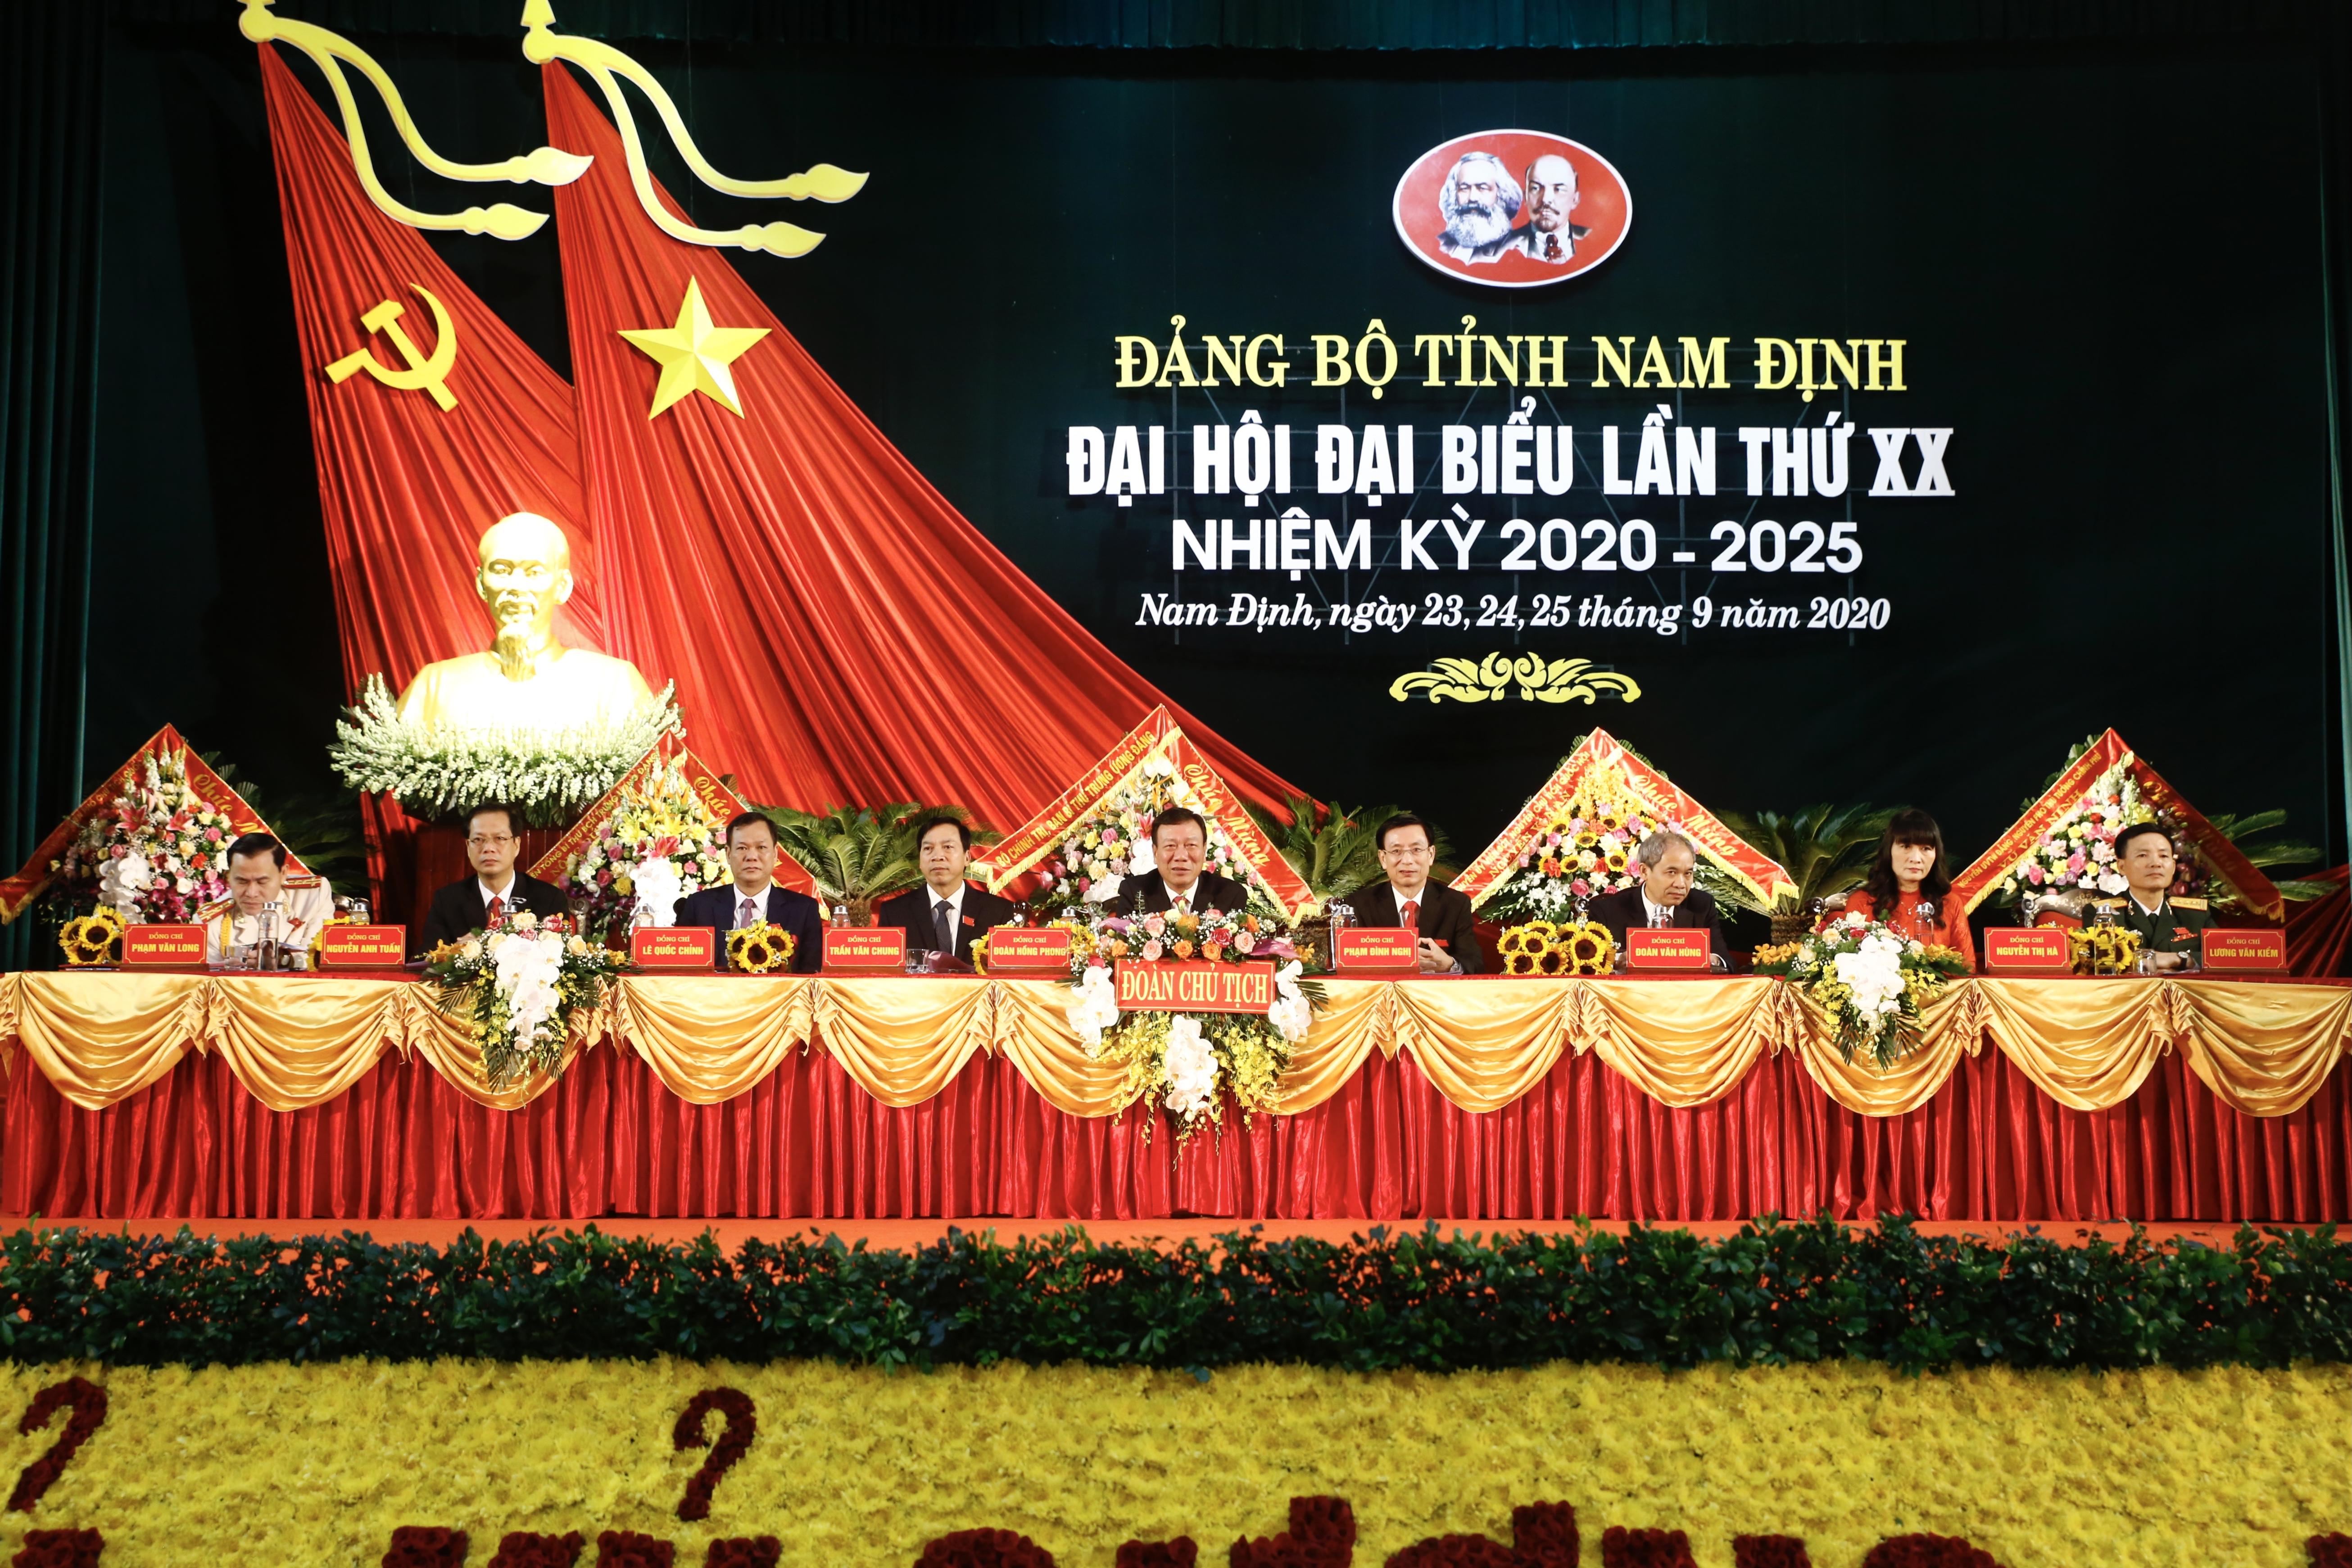 Sáng nay, 25/9, Đại hội Đảng bộ tỉnh Nam Đinh công bố kết quả bầu cử nhân sự chủ chốt.